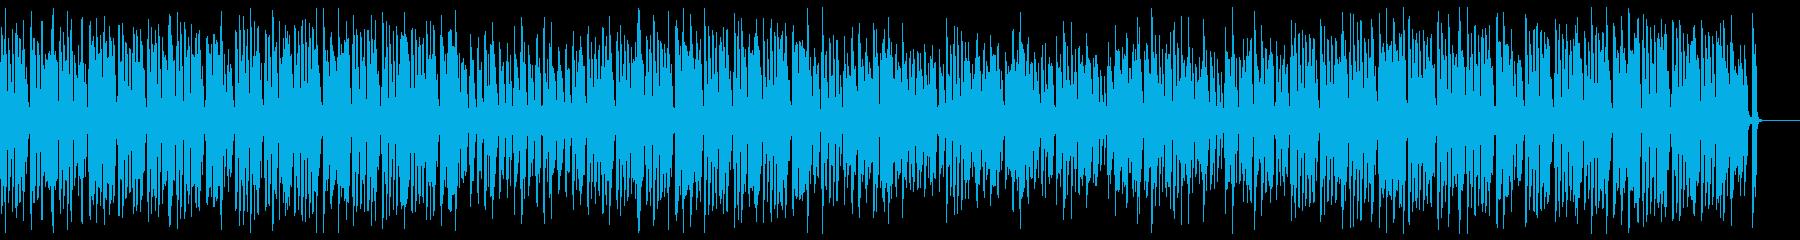 ダーク・夜・情熱・暗く速いジプシージャズの再生済みの波形